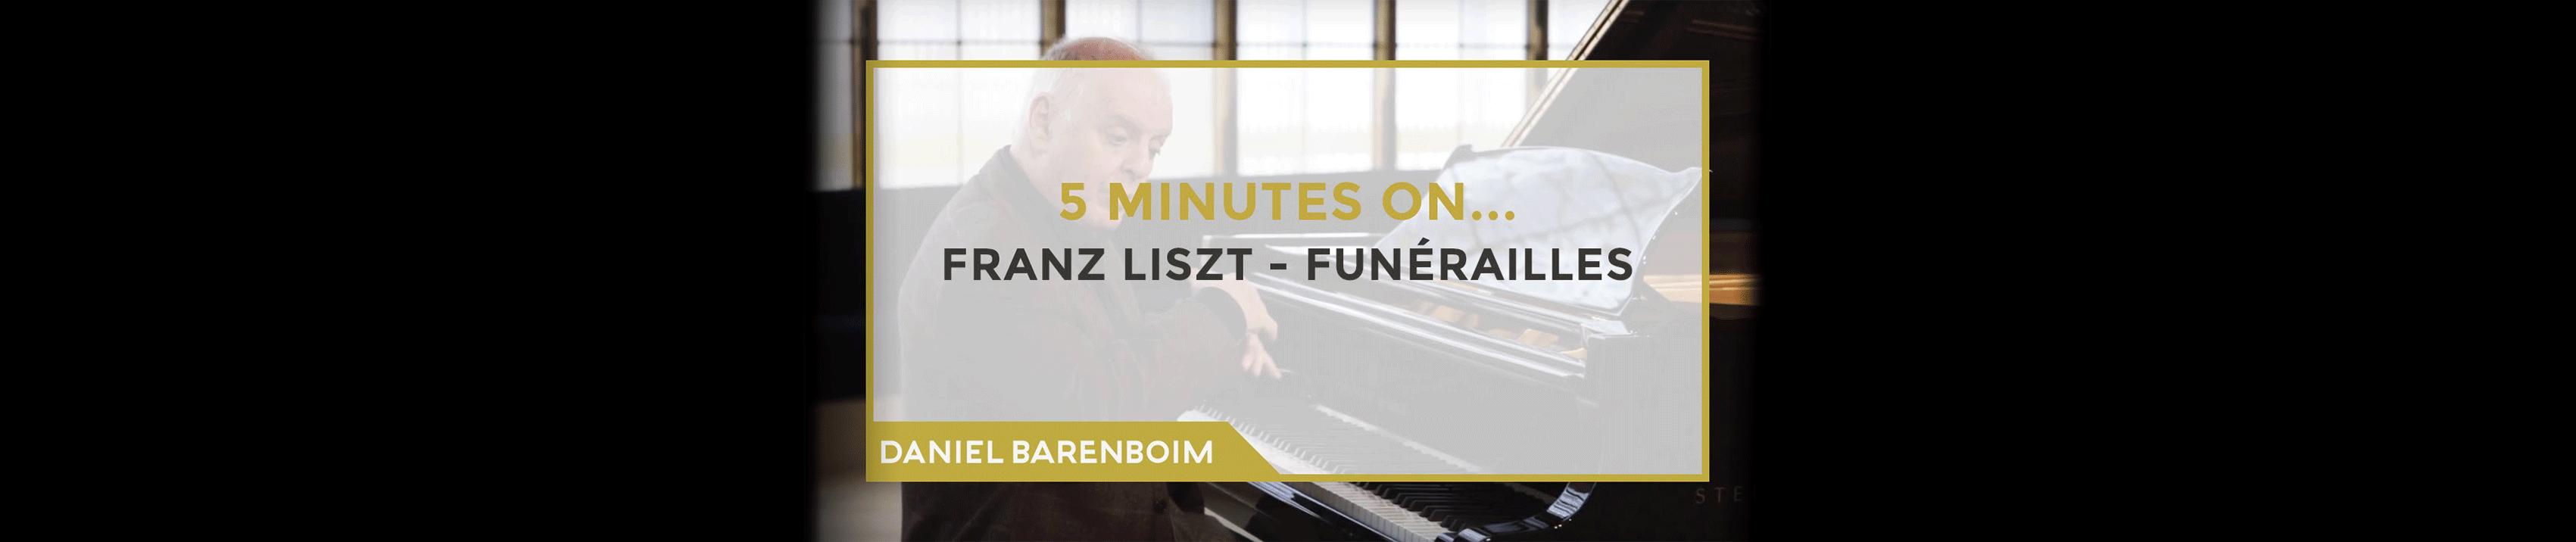 Daniel Barenboim, Funérailles de Liszt